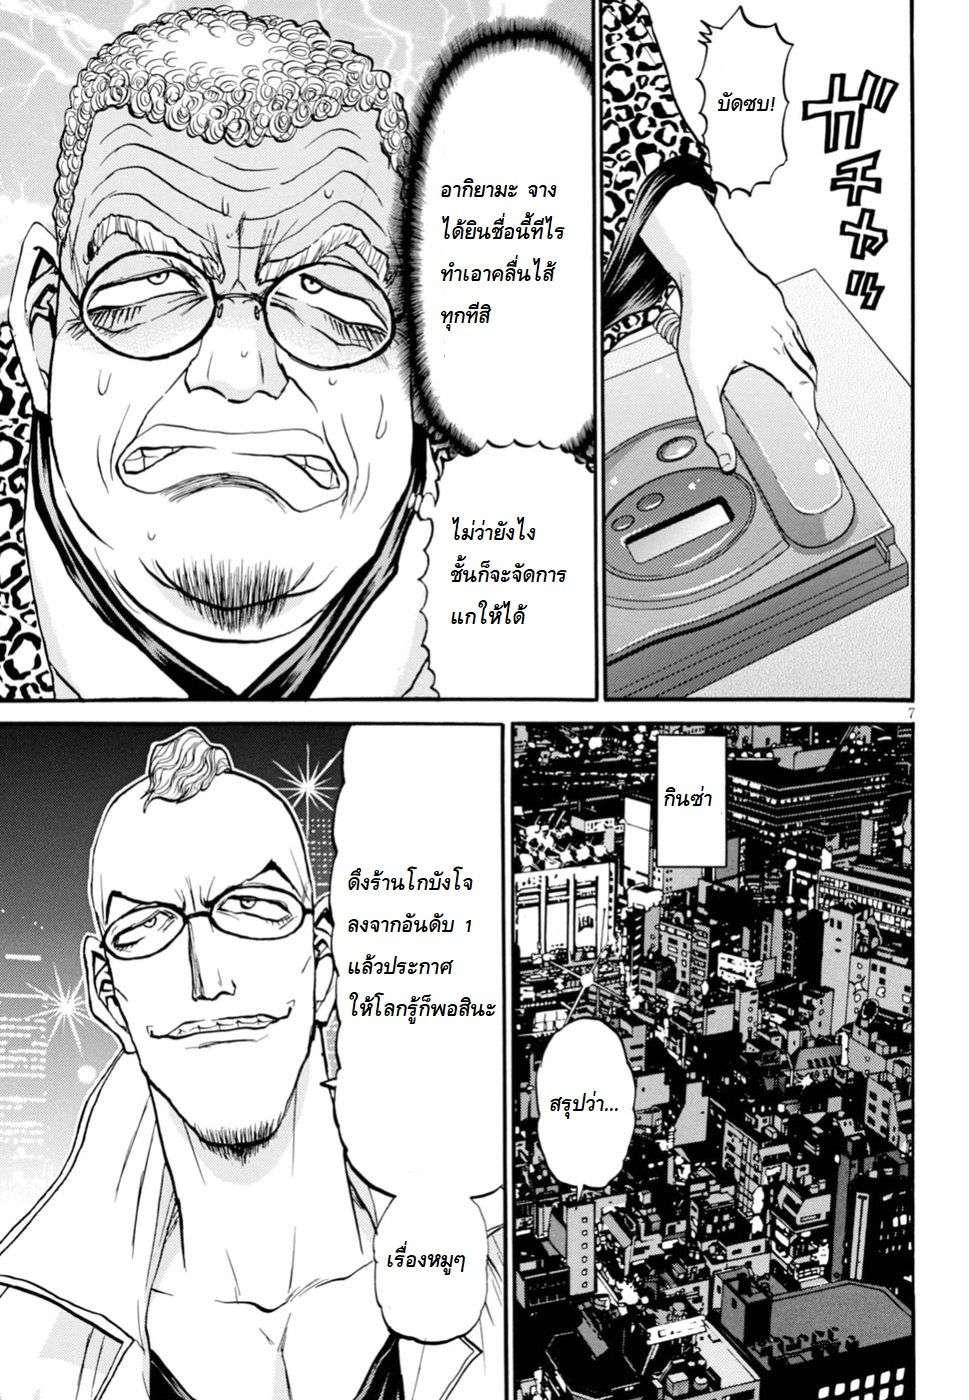 อ่านการ์ตูน Tetsunabe no Jan 2nd!! ตอนที่ 5 หน้าที่ 6